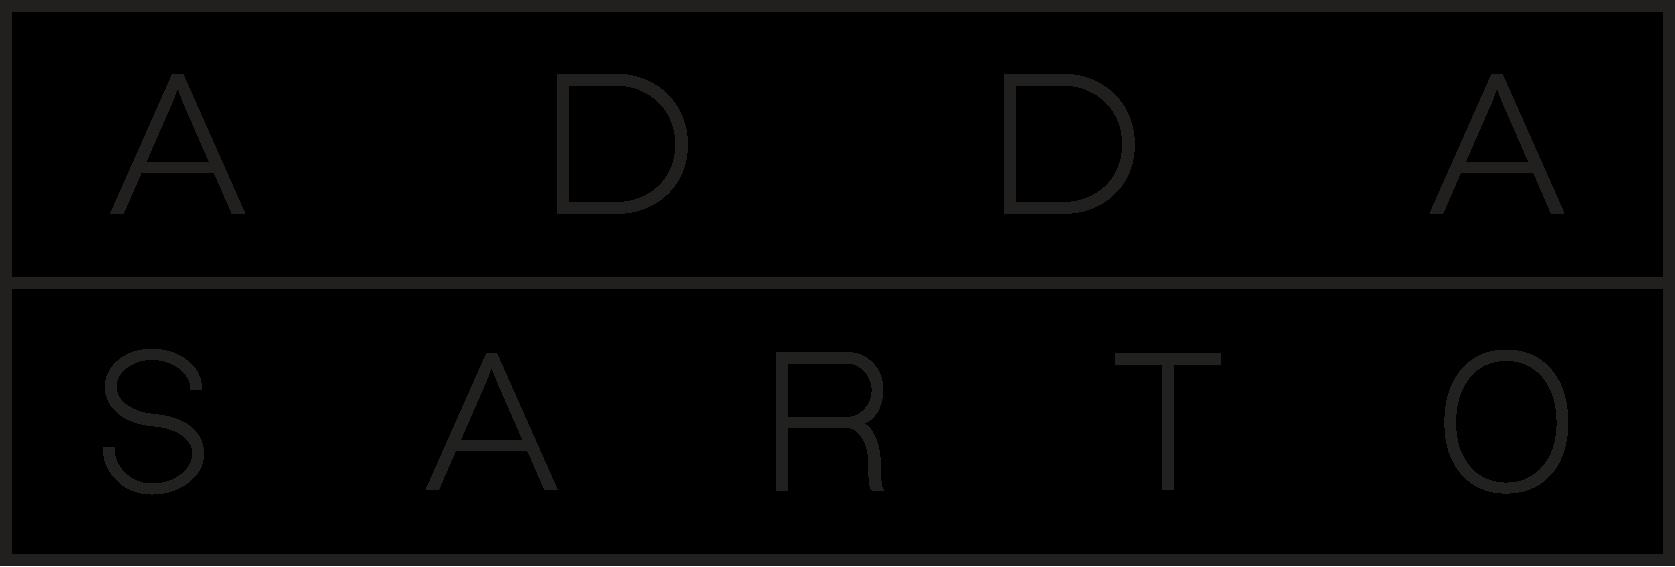 ADDA&SARTO